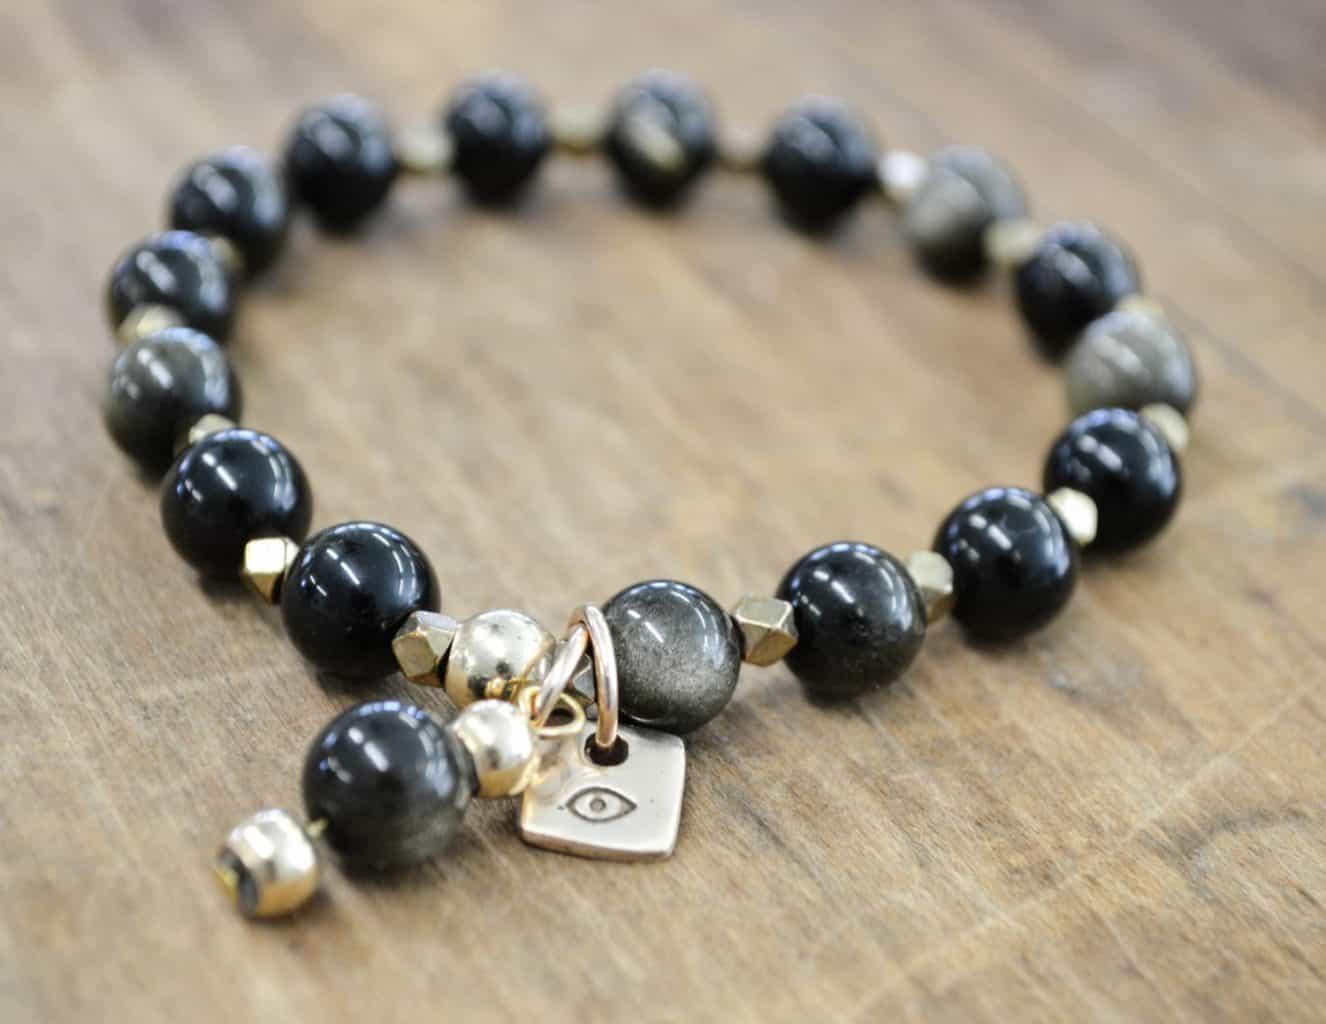 Healing Bracelet from Three Arrows Co